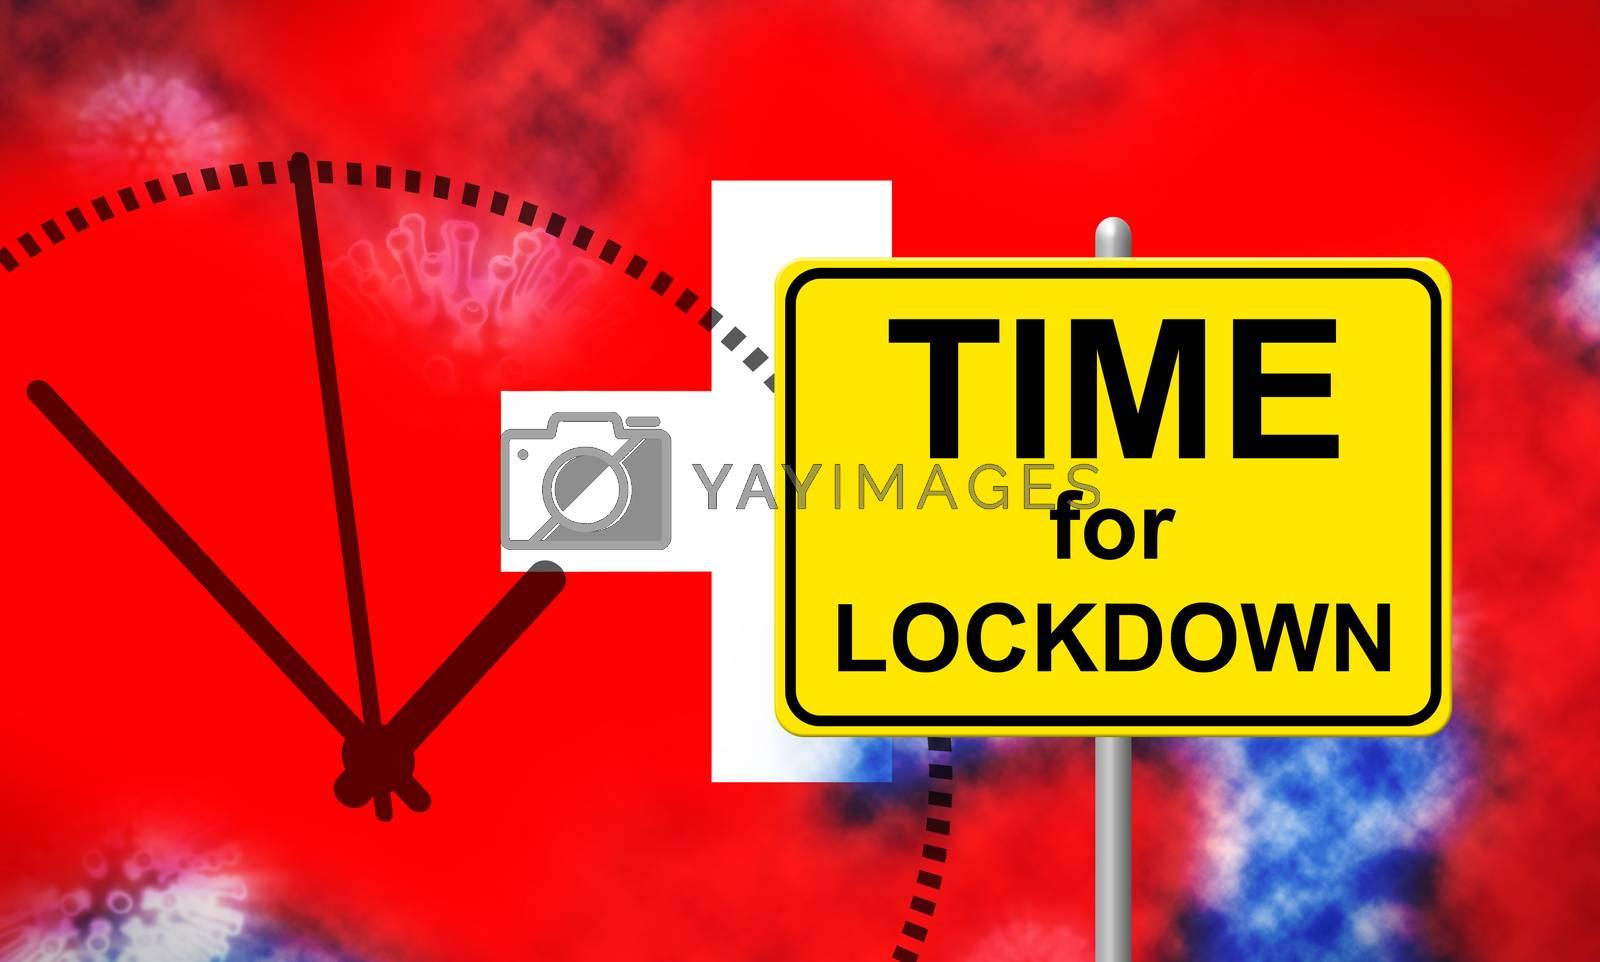 Swiss lockdown preventing coronavirus pandemic outbreak - 3d Ill by stuartmiles